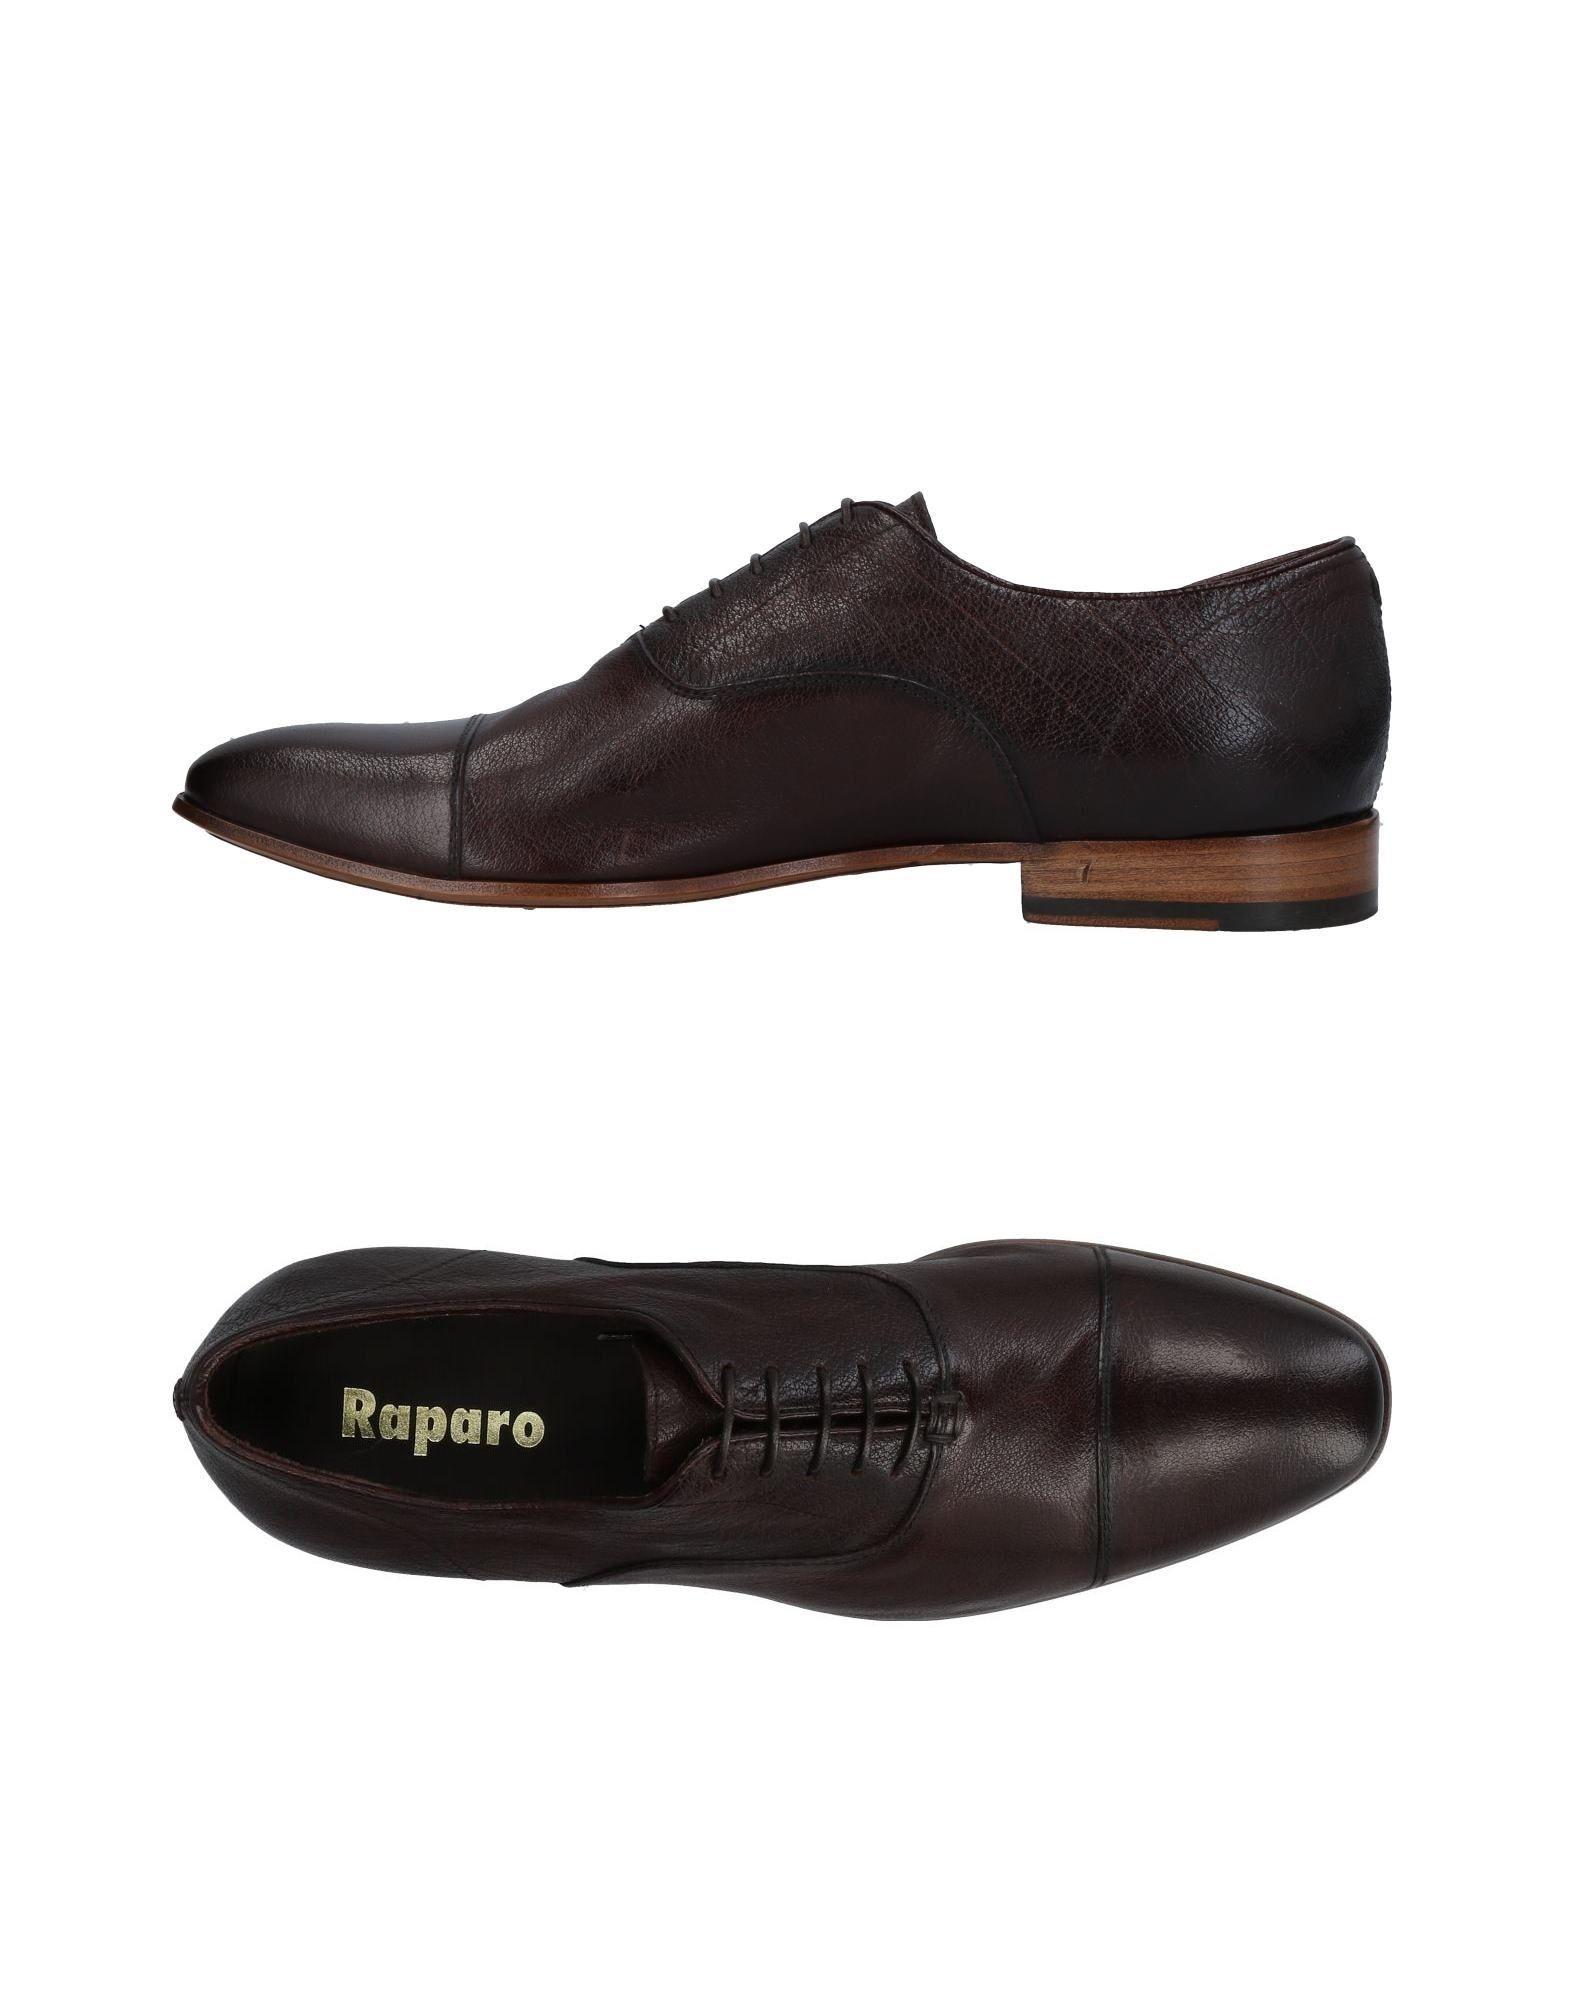 Rabatt echte Schuhe Raparo Schnürschuhe Herren  11419642SS